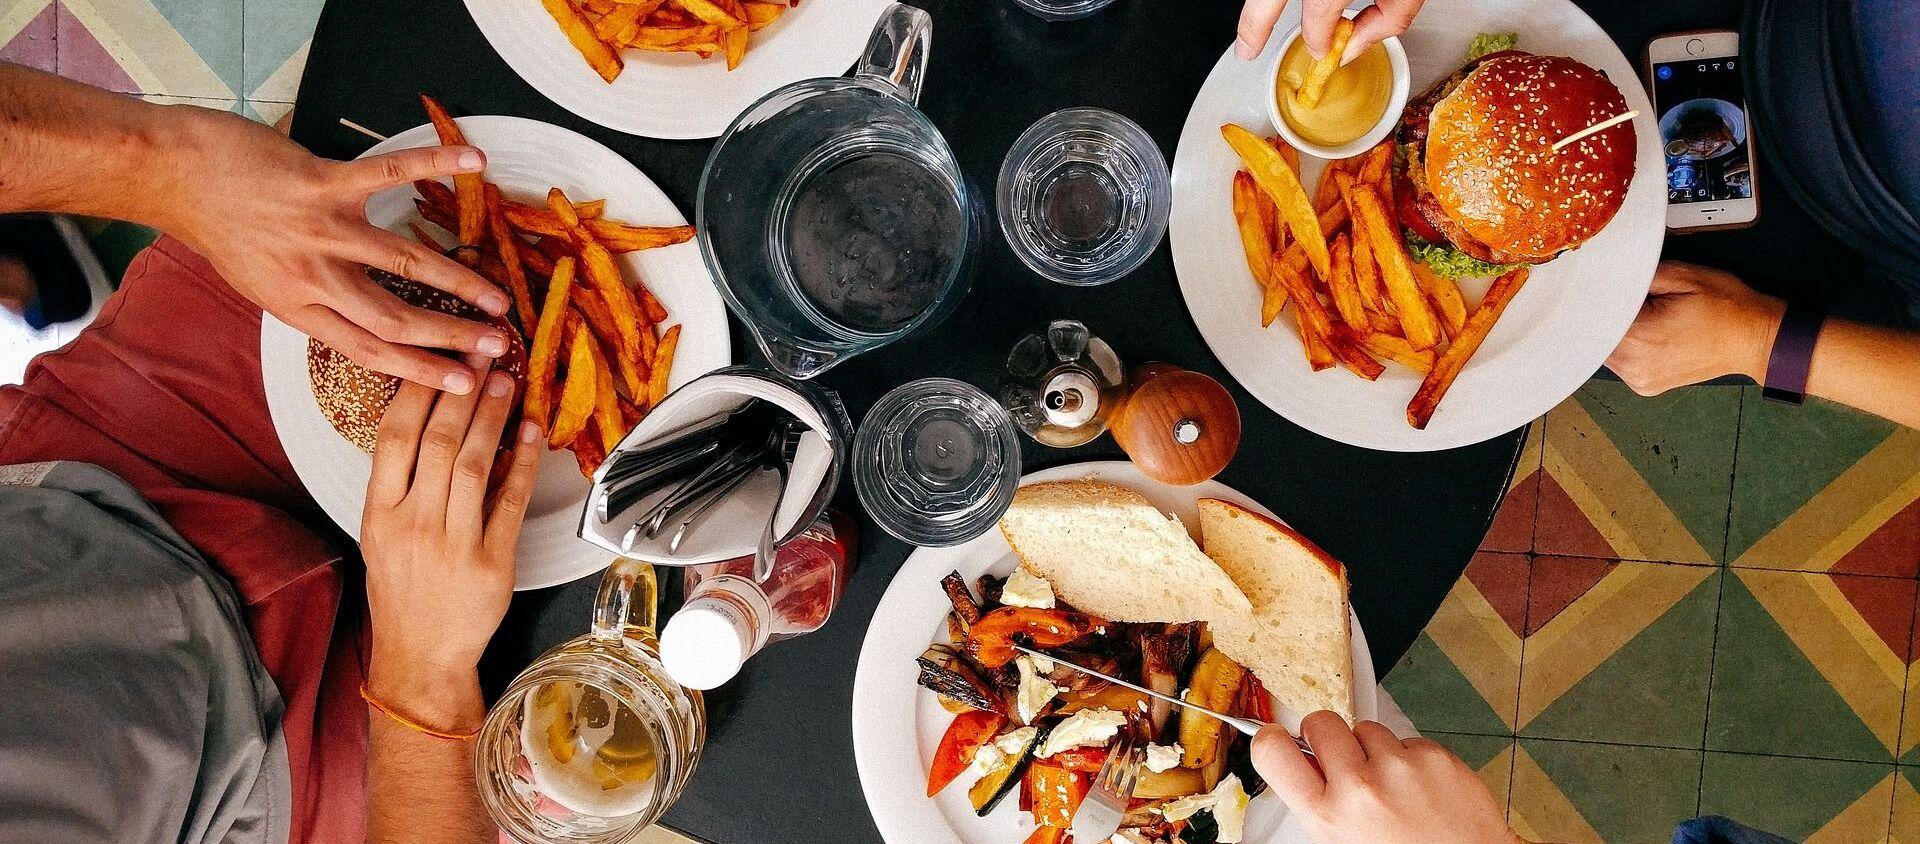 Ludzie podczas obiadu w restauracji - Sputnik Polska, 1920, 24.09.2018